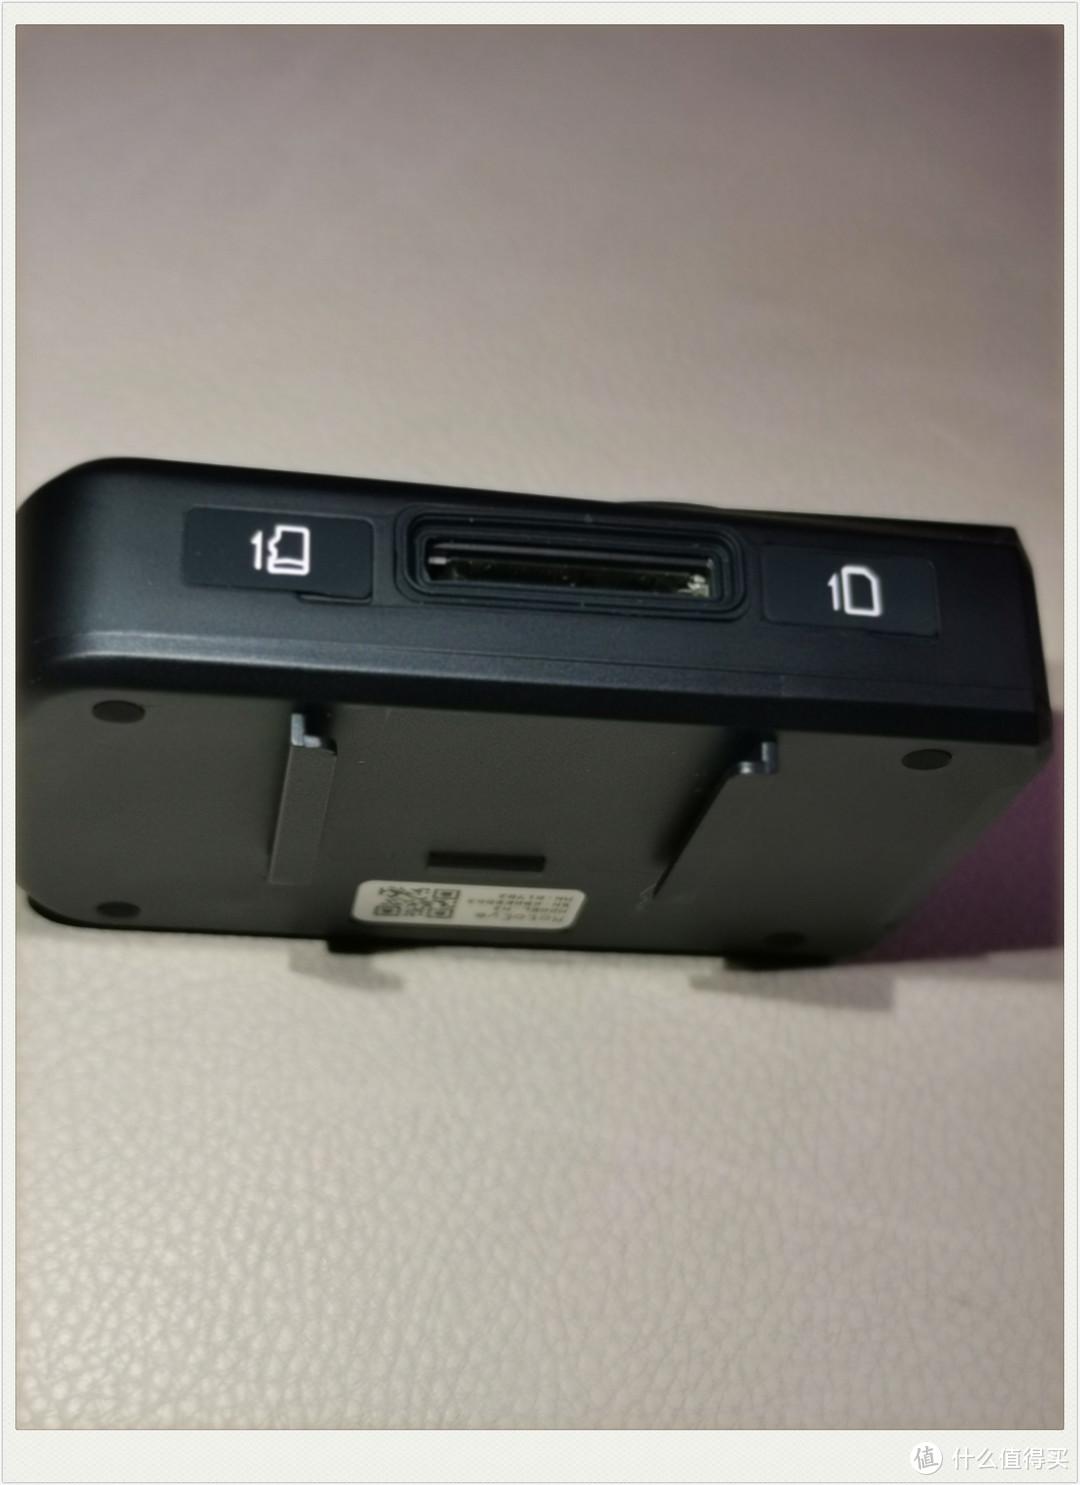 主机底部接口和TF卡查擦以及手机卡插槽